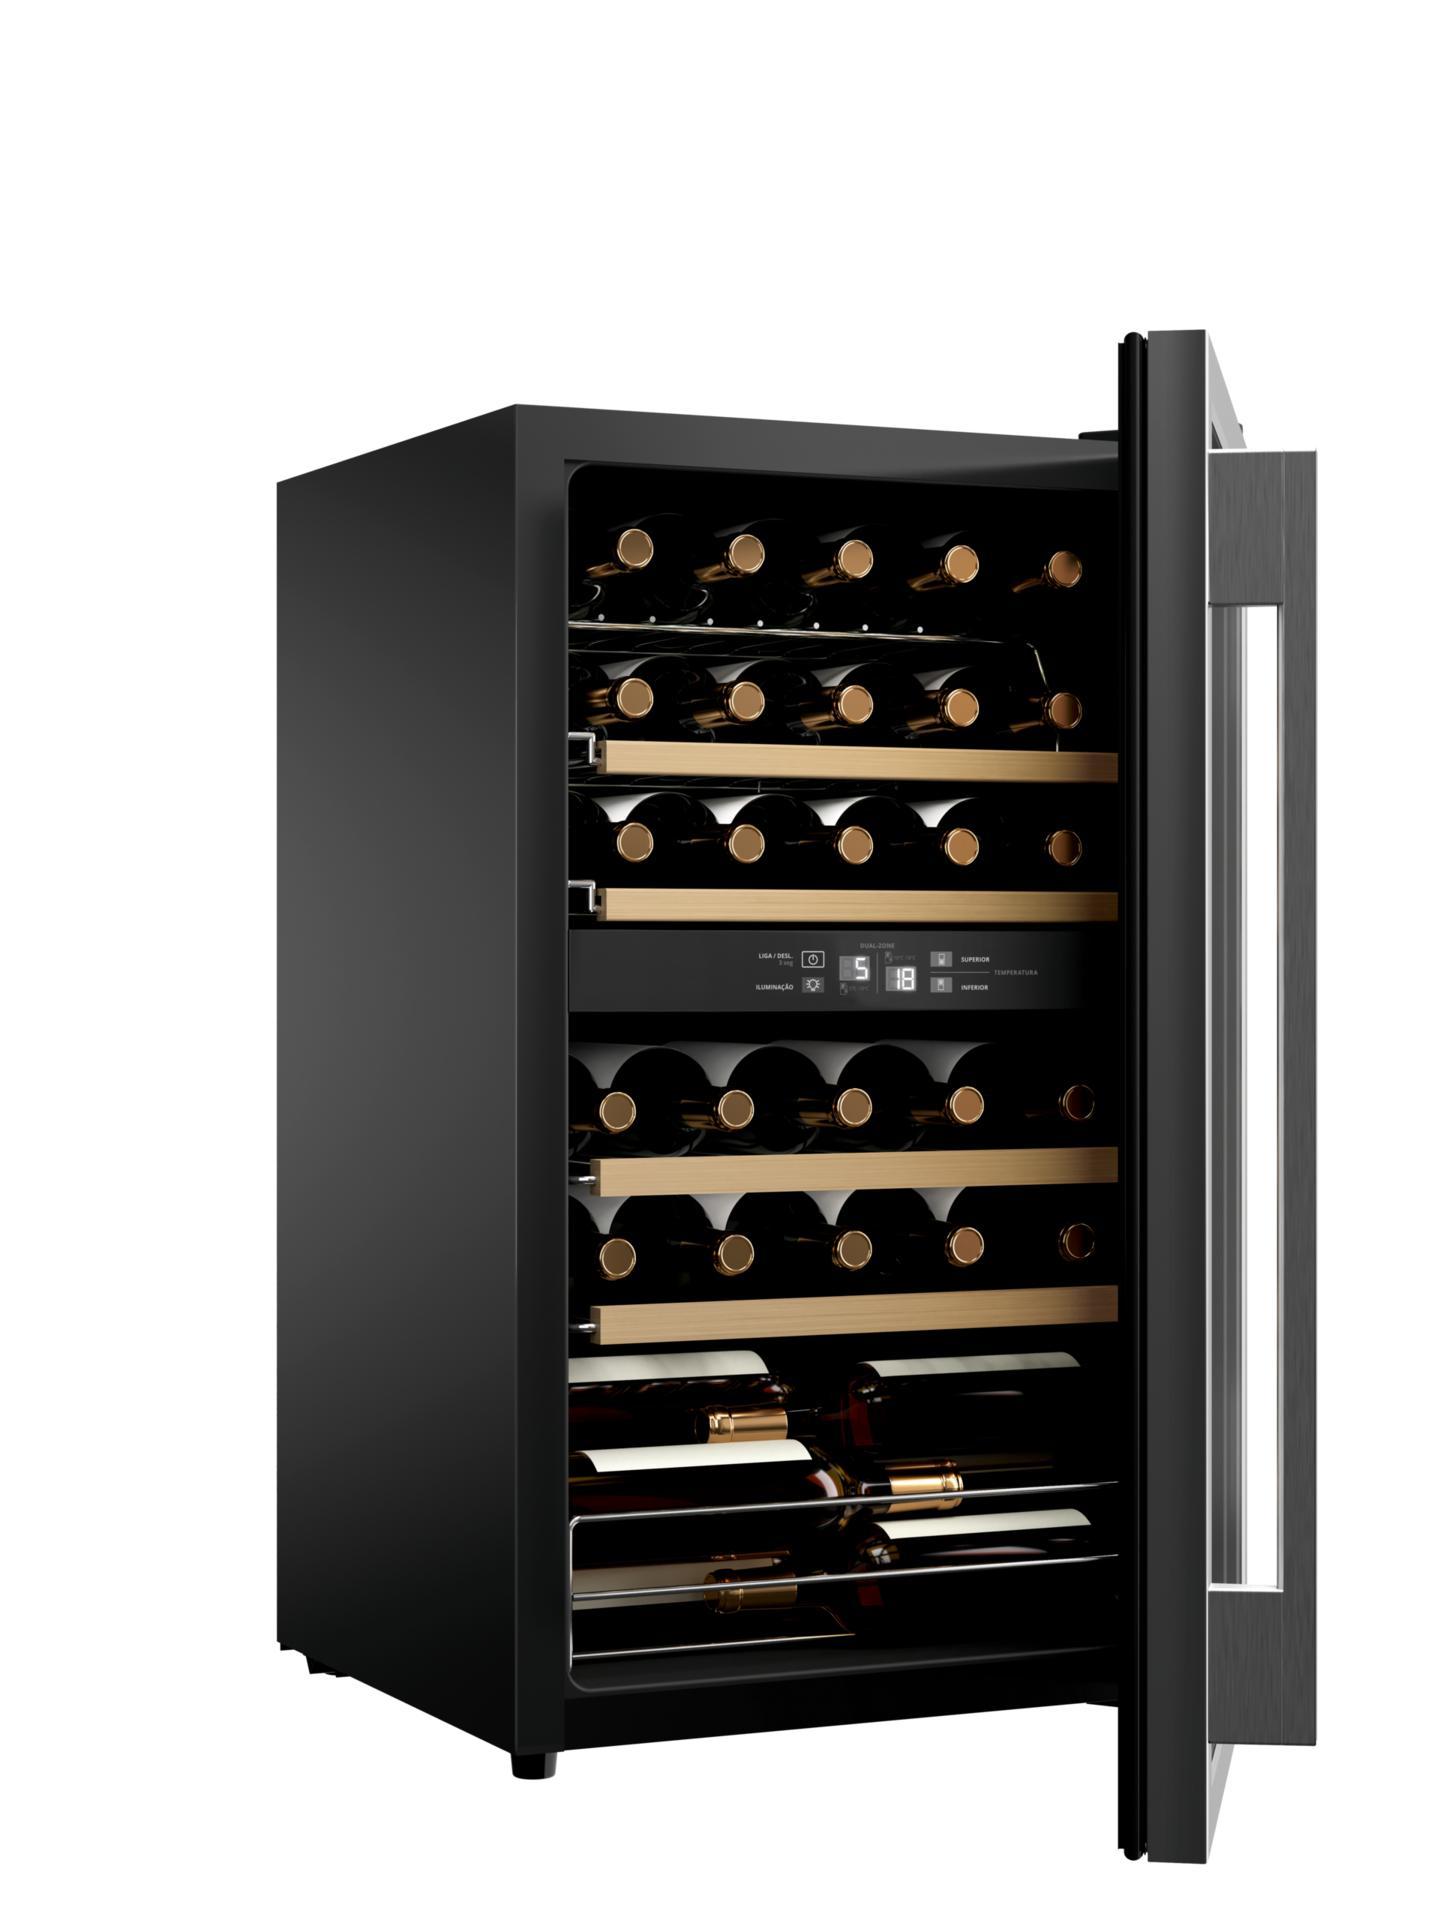 Adega de Vinhos Climatizada Brastemp para 33 Garrafas - BZB33BE - 127V